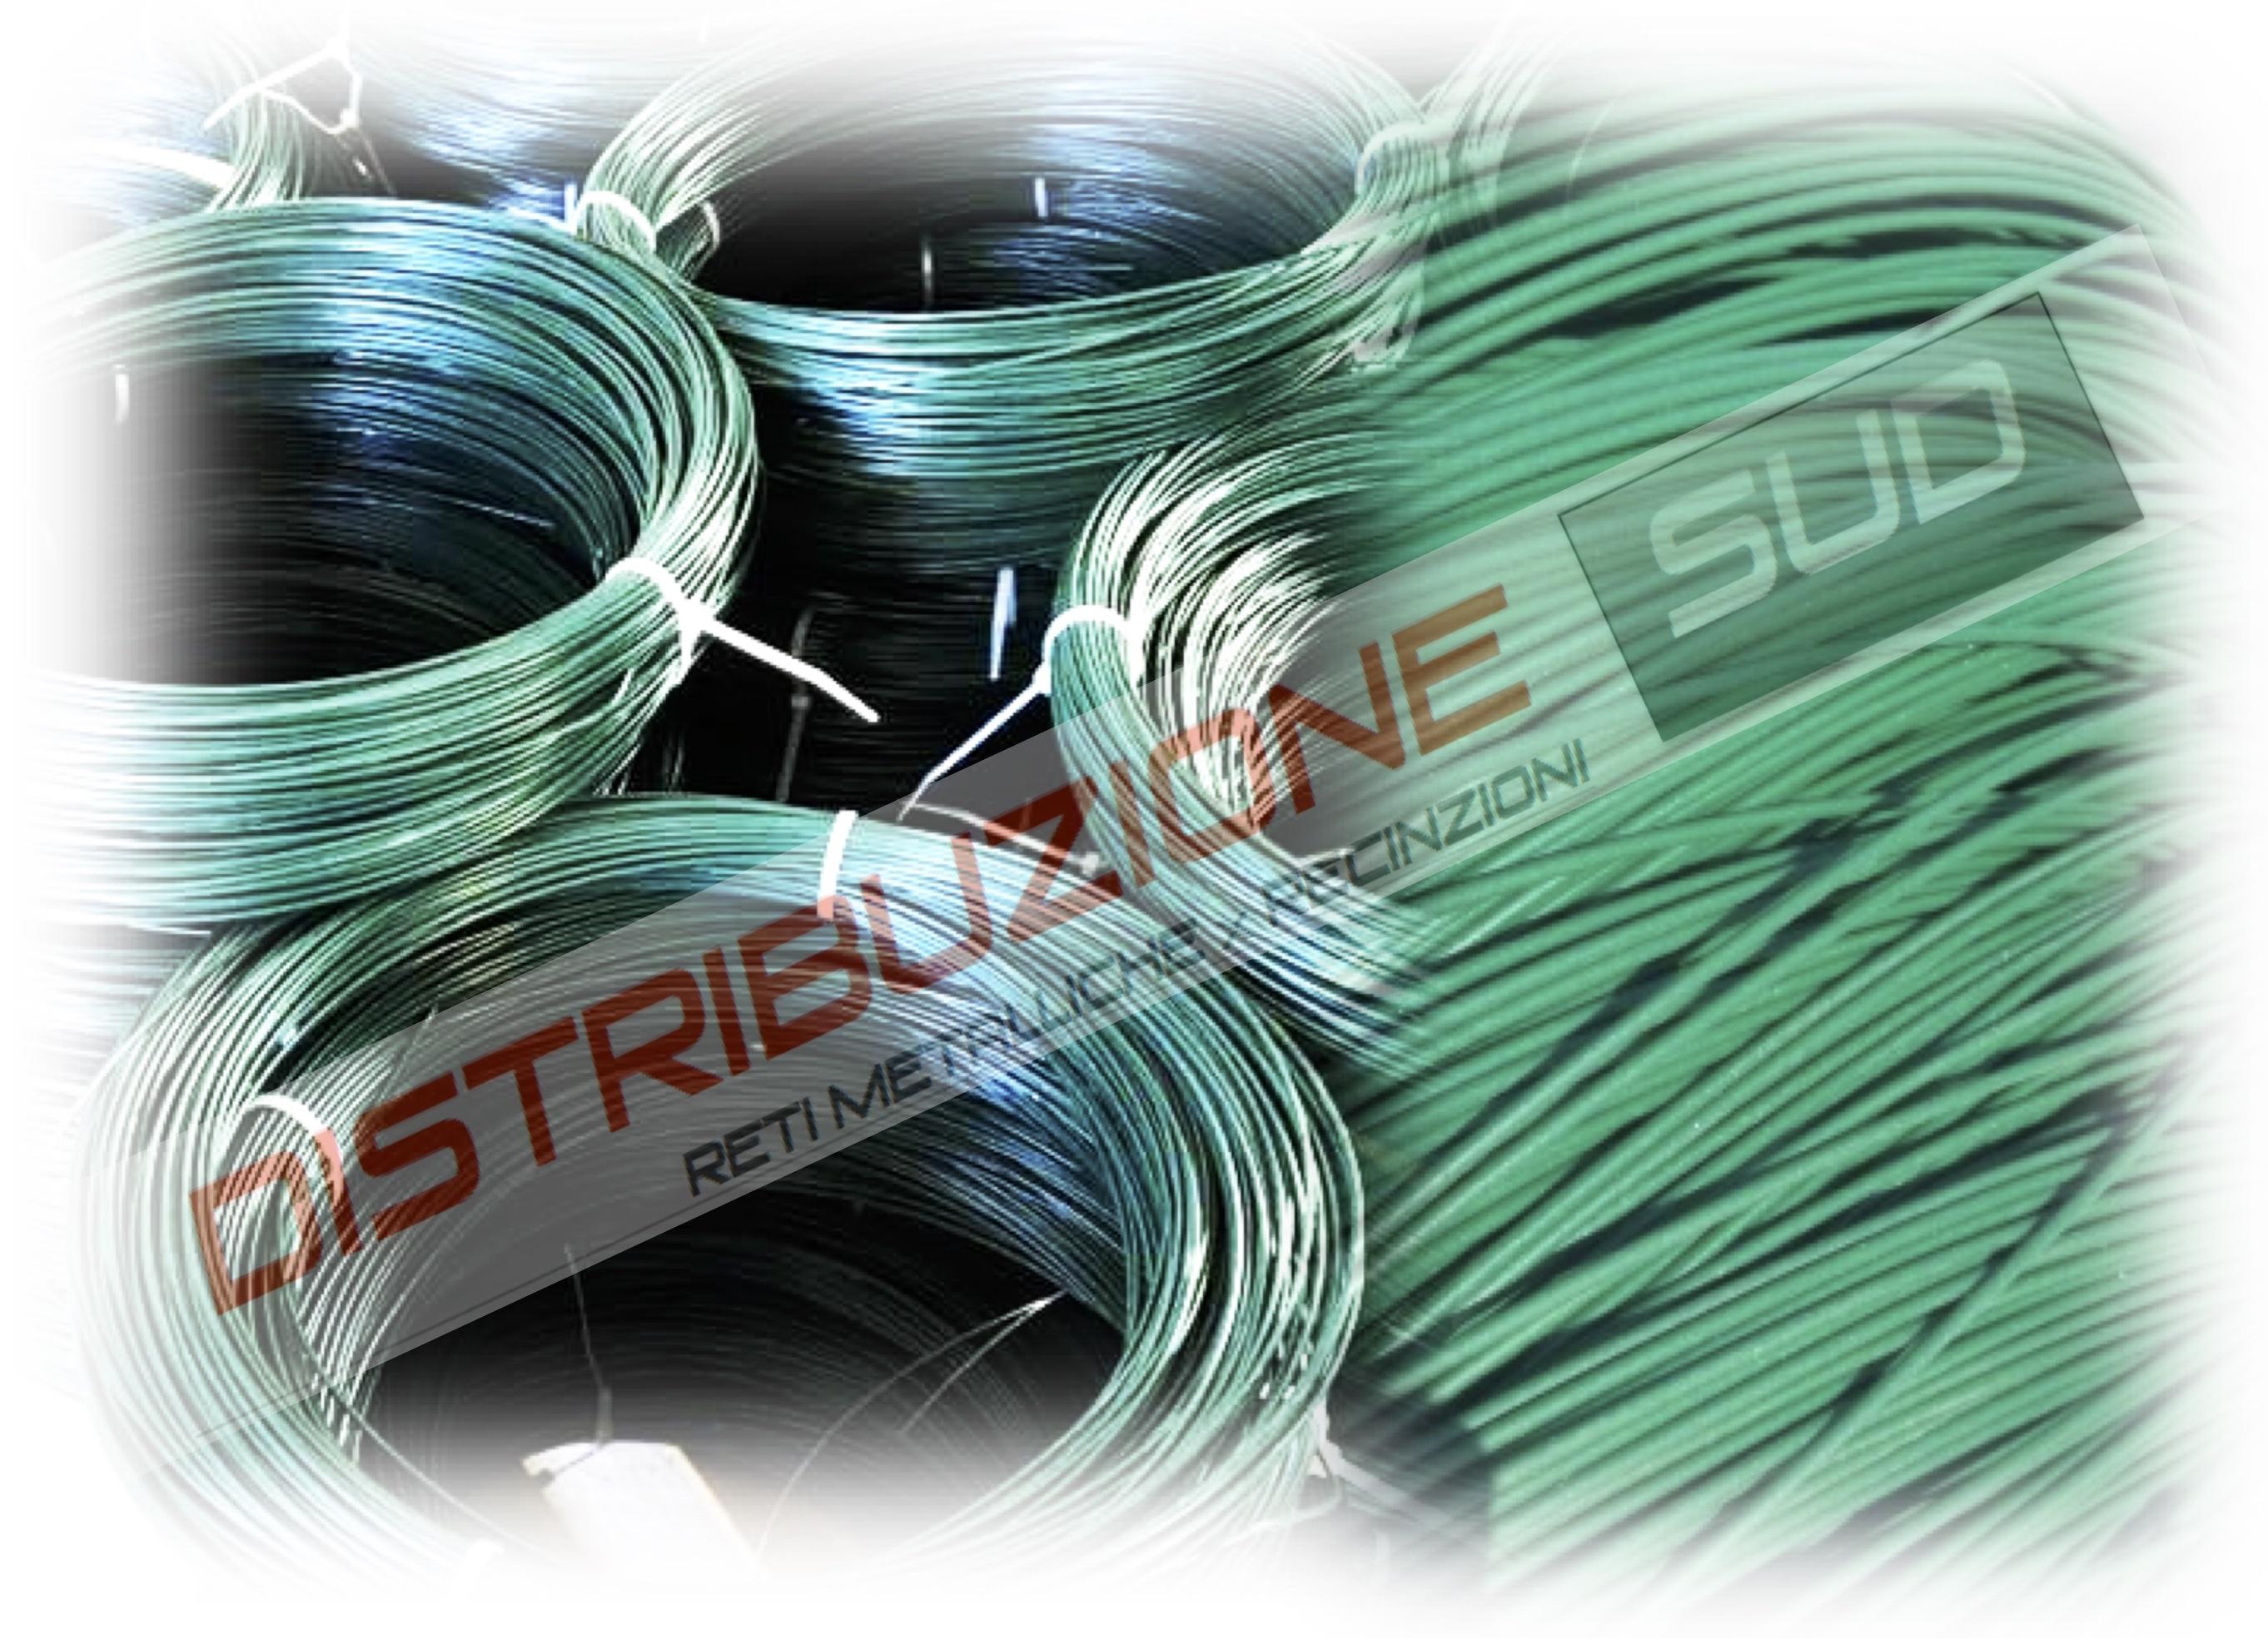 Rotolo da 100metri di filo plastificato per tensione rete